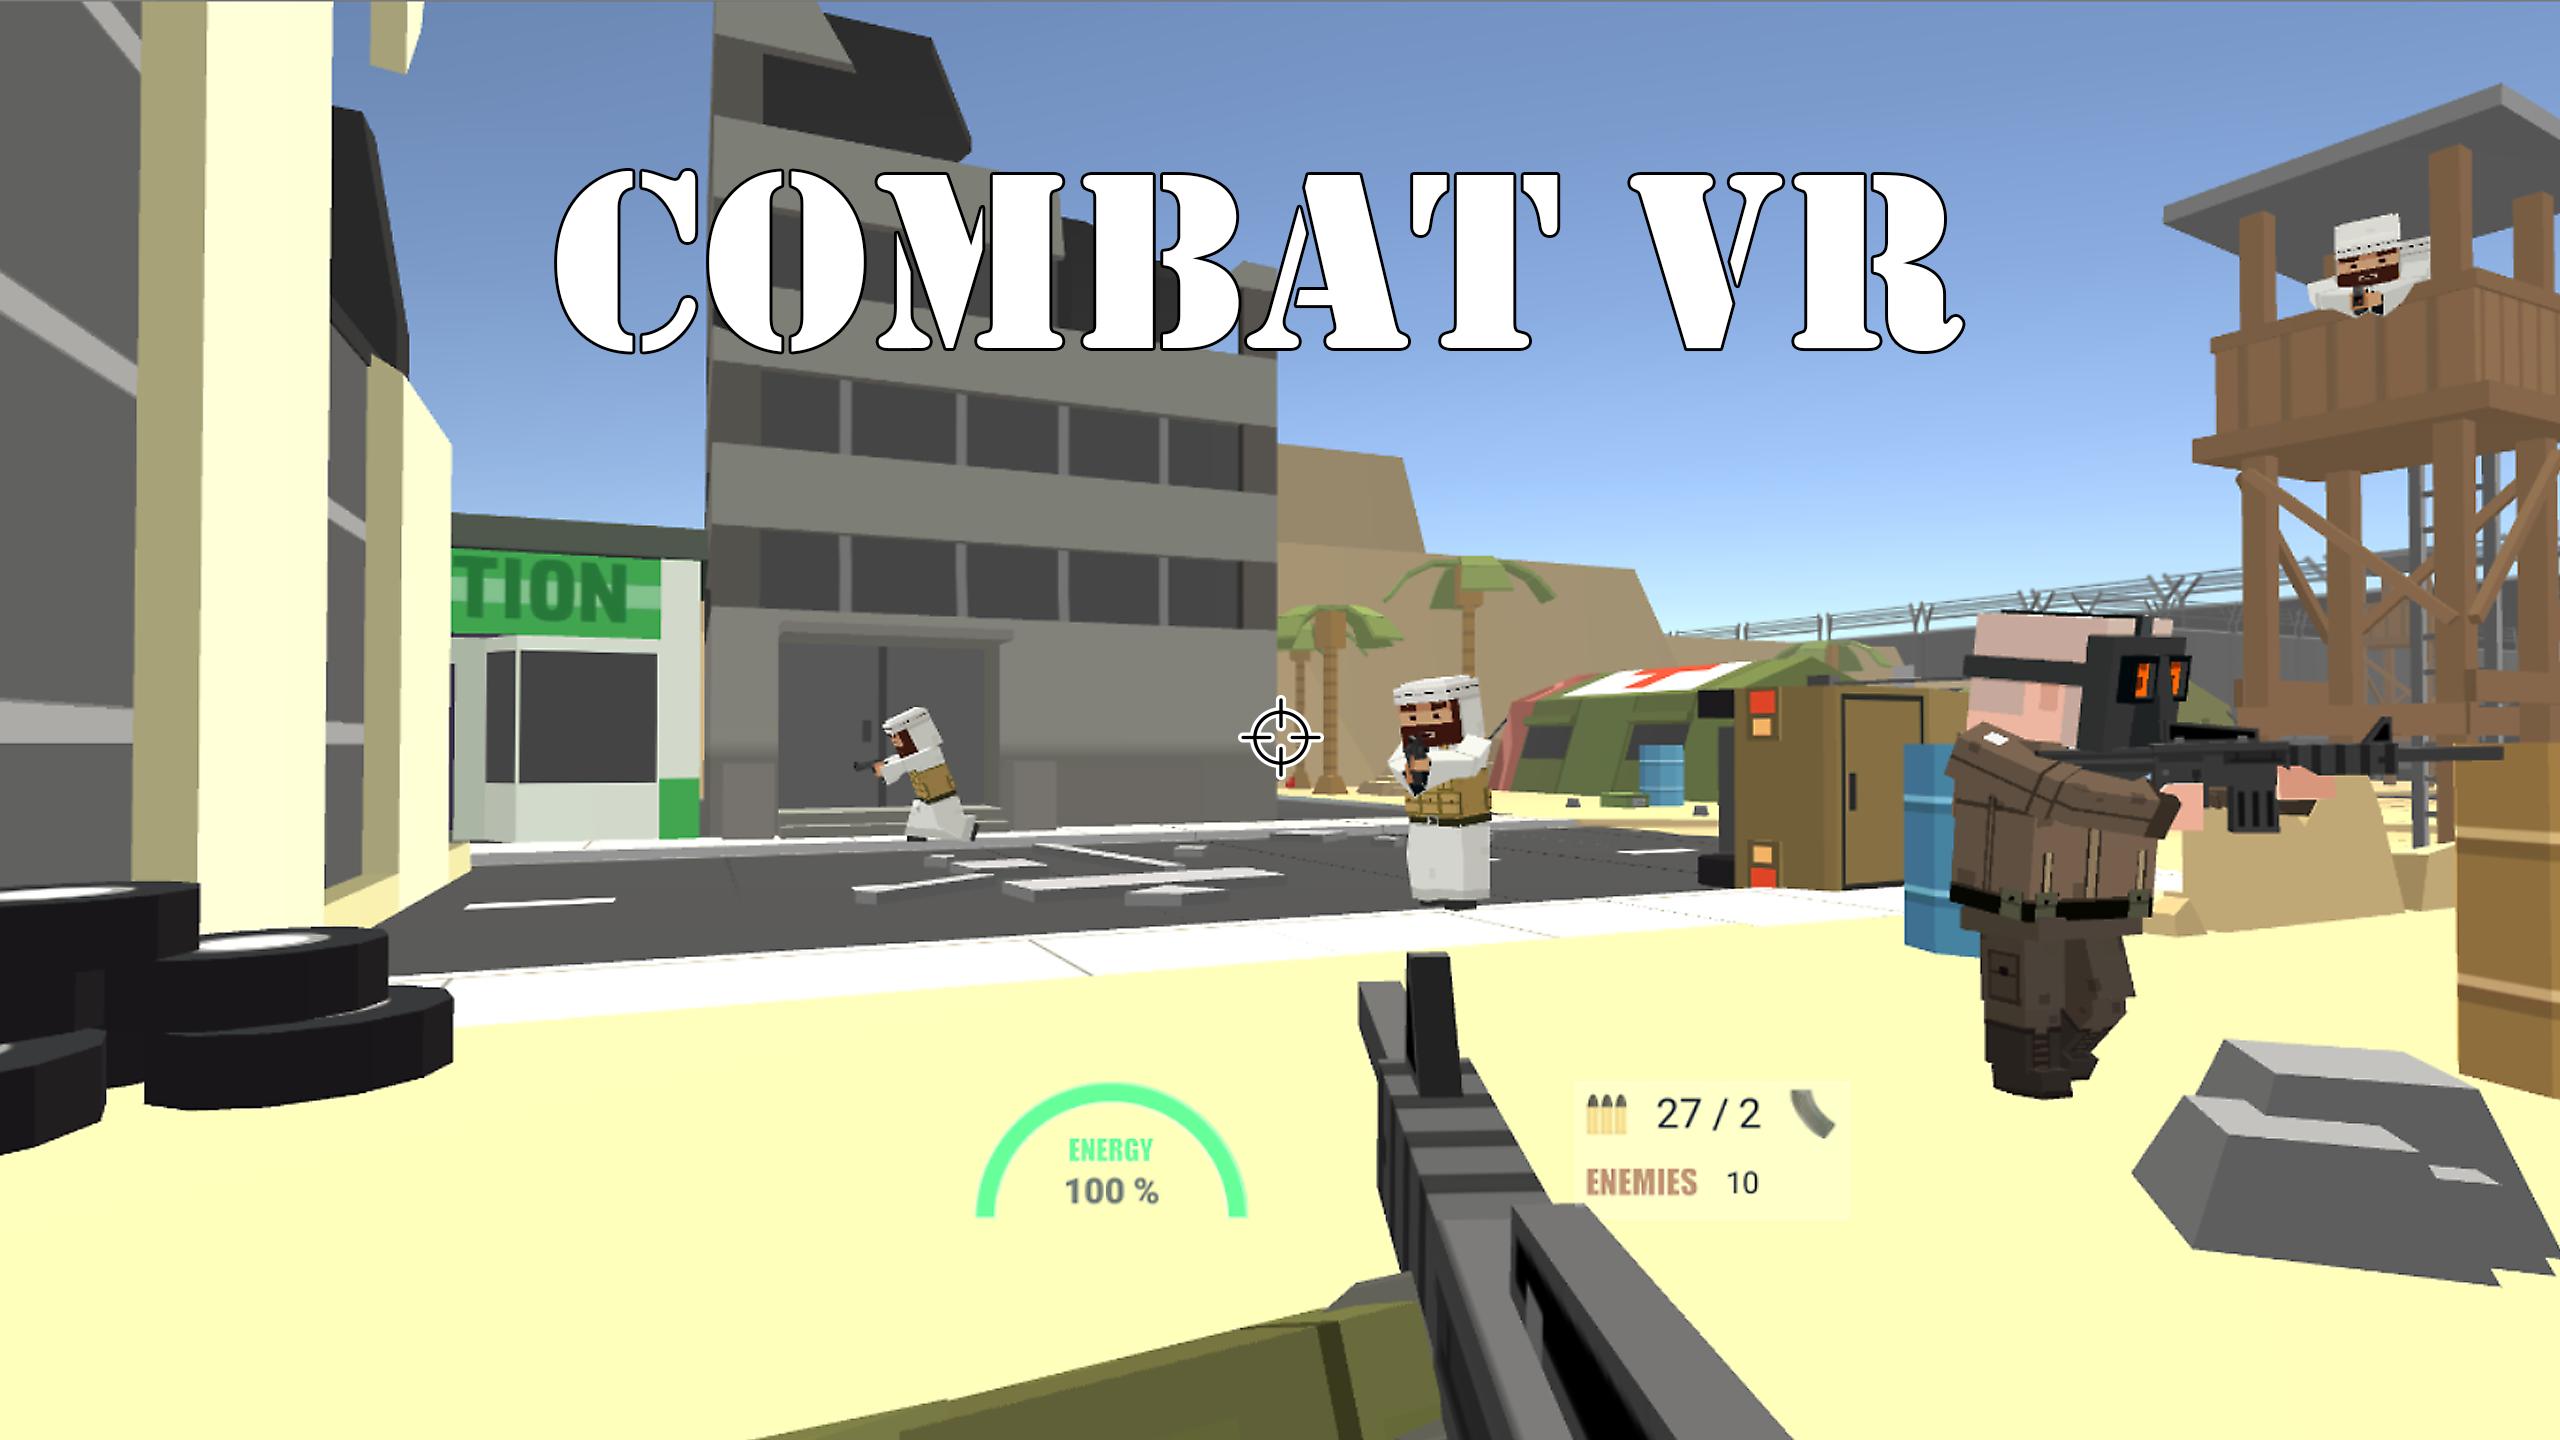 Combat VR